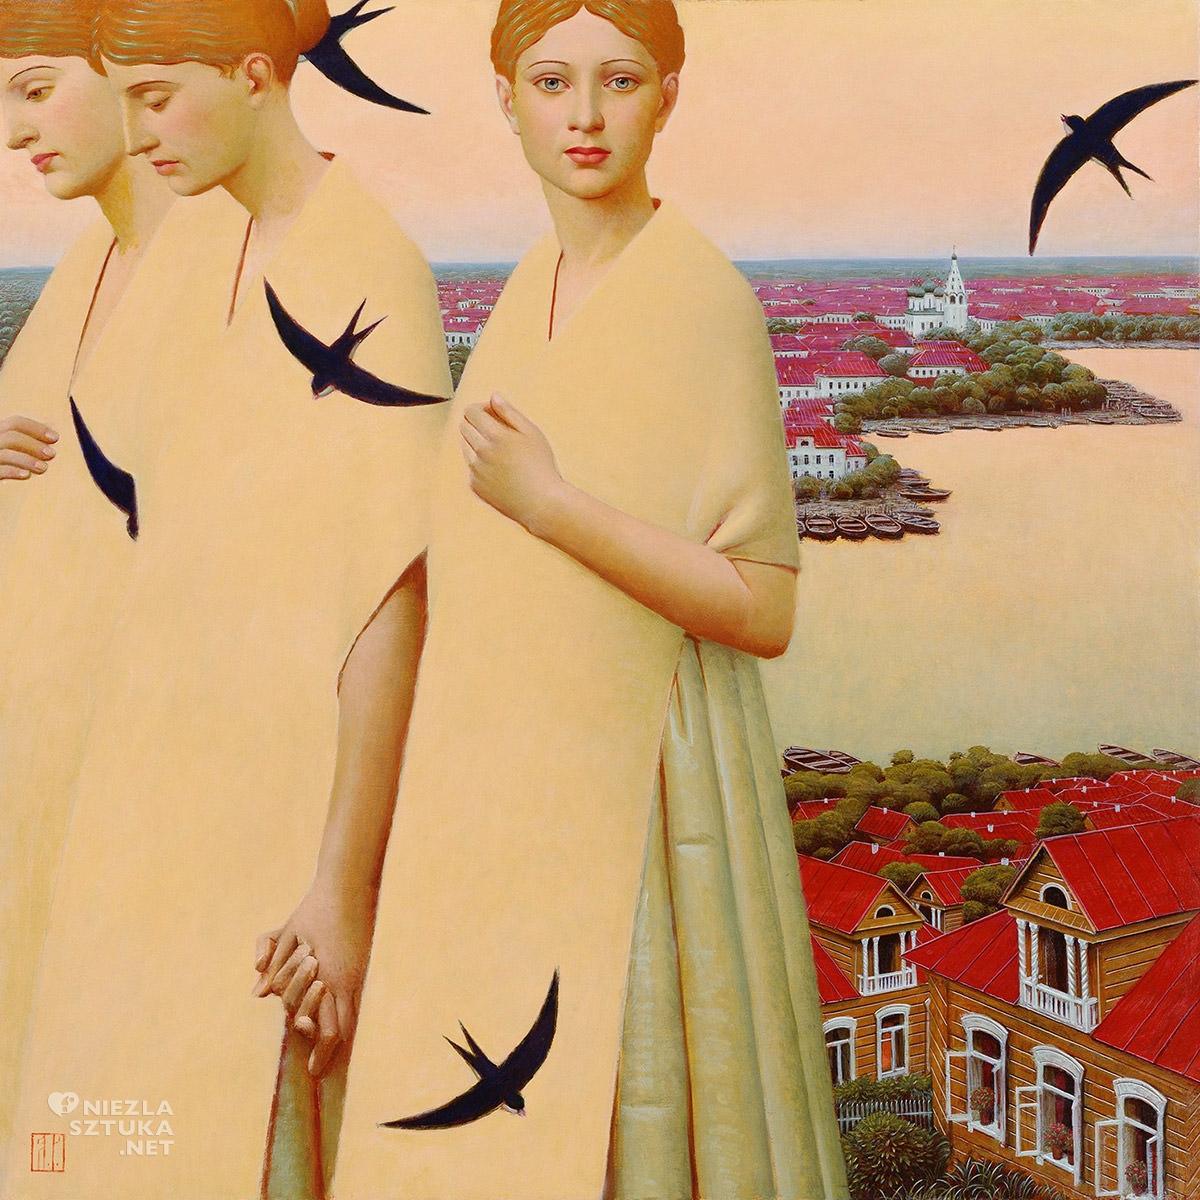 Andrey Remnev, Celestical Bodies, sztuka rosyjska, sztuka współczesna, Niezła Sztuka